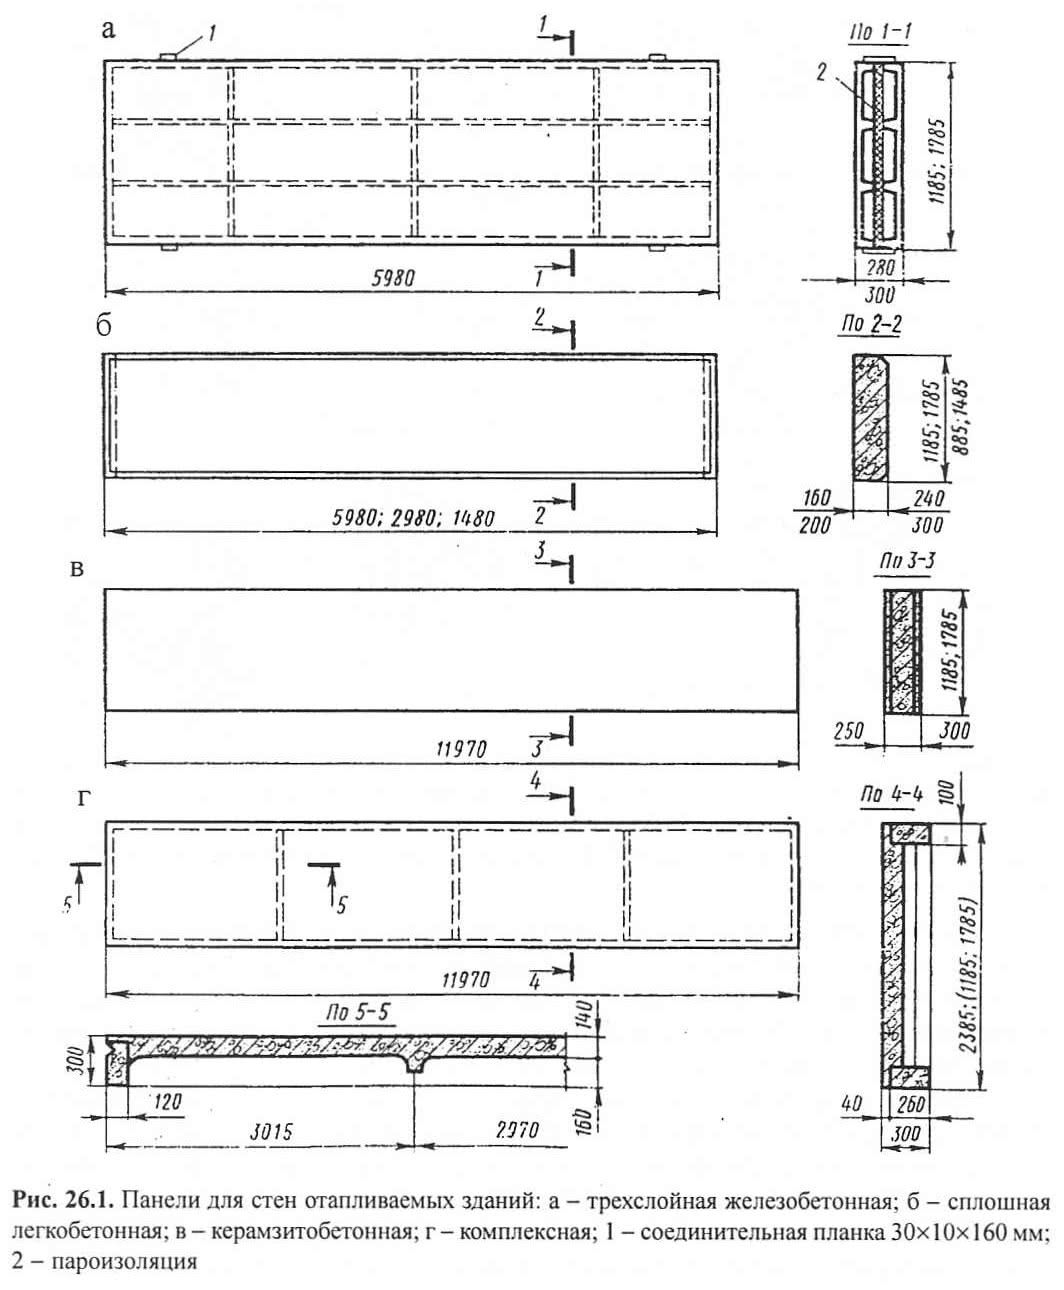 Рис. 26.1. Панели для стен отапливаемых зданий